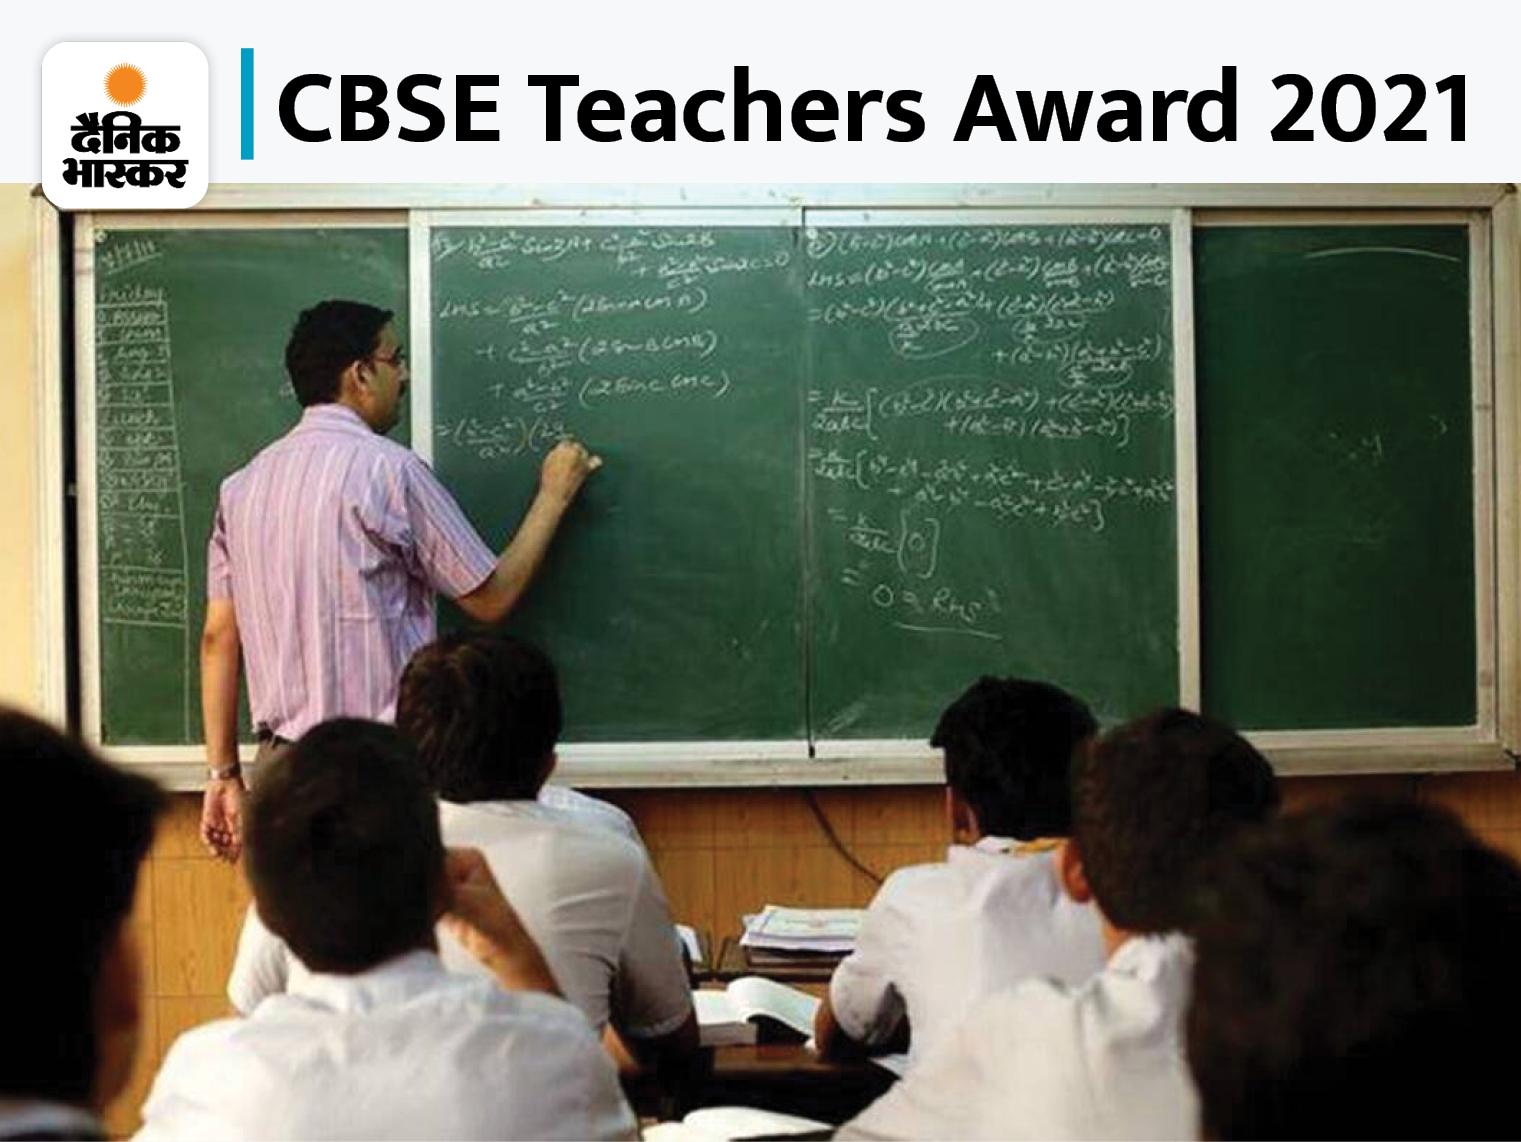 शिक्षा राज्य मंत्री अन्नपूर्णा देवी ने 22 टीचर्स और प्रिंसिपल्स को किया सम्मानित, सीबीएसई ऑनर फॉर एक्सीलेंस इन टीचिंग एंड स्कूल लीडरशिप 2020-21 के तहत दिया ये सम्मान|करिअर,Career - Dainik Bhaskar